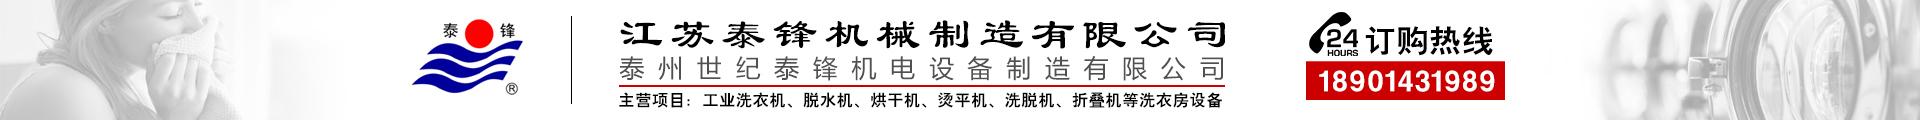 江蘇泰鋒機械製造有限公司